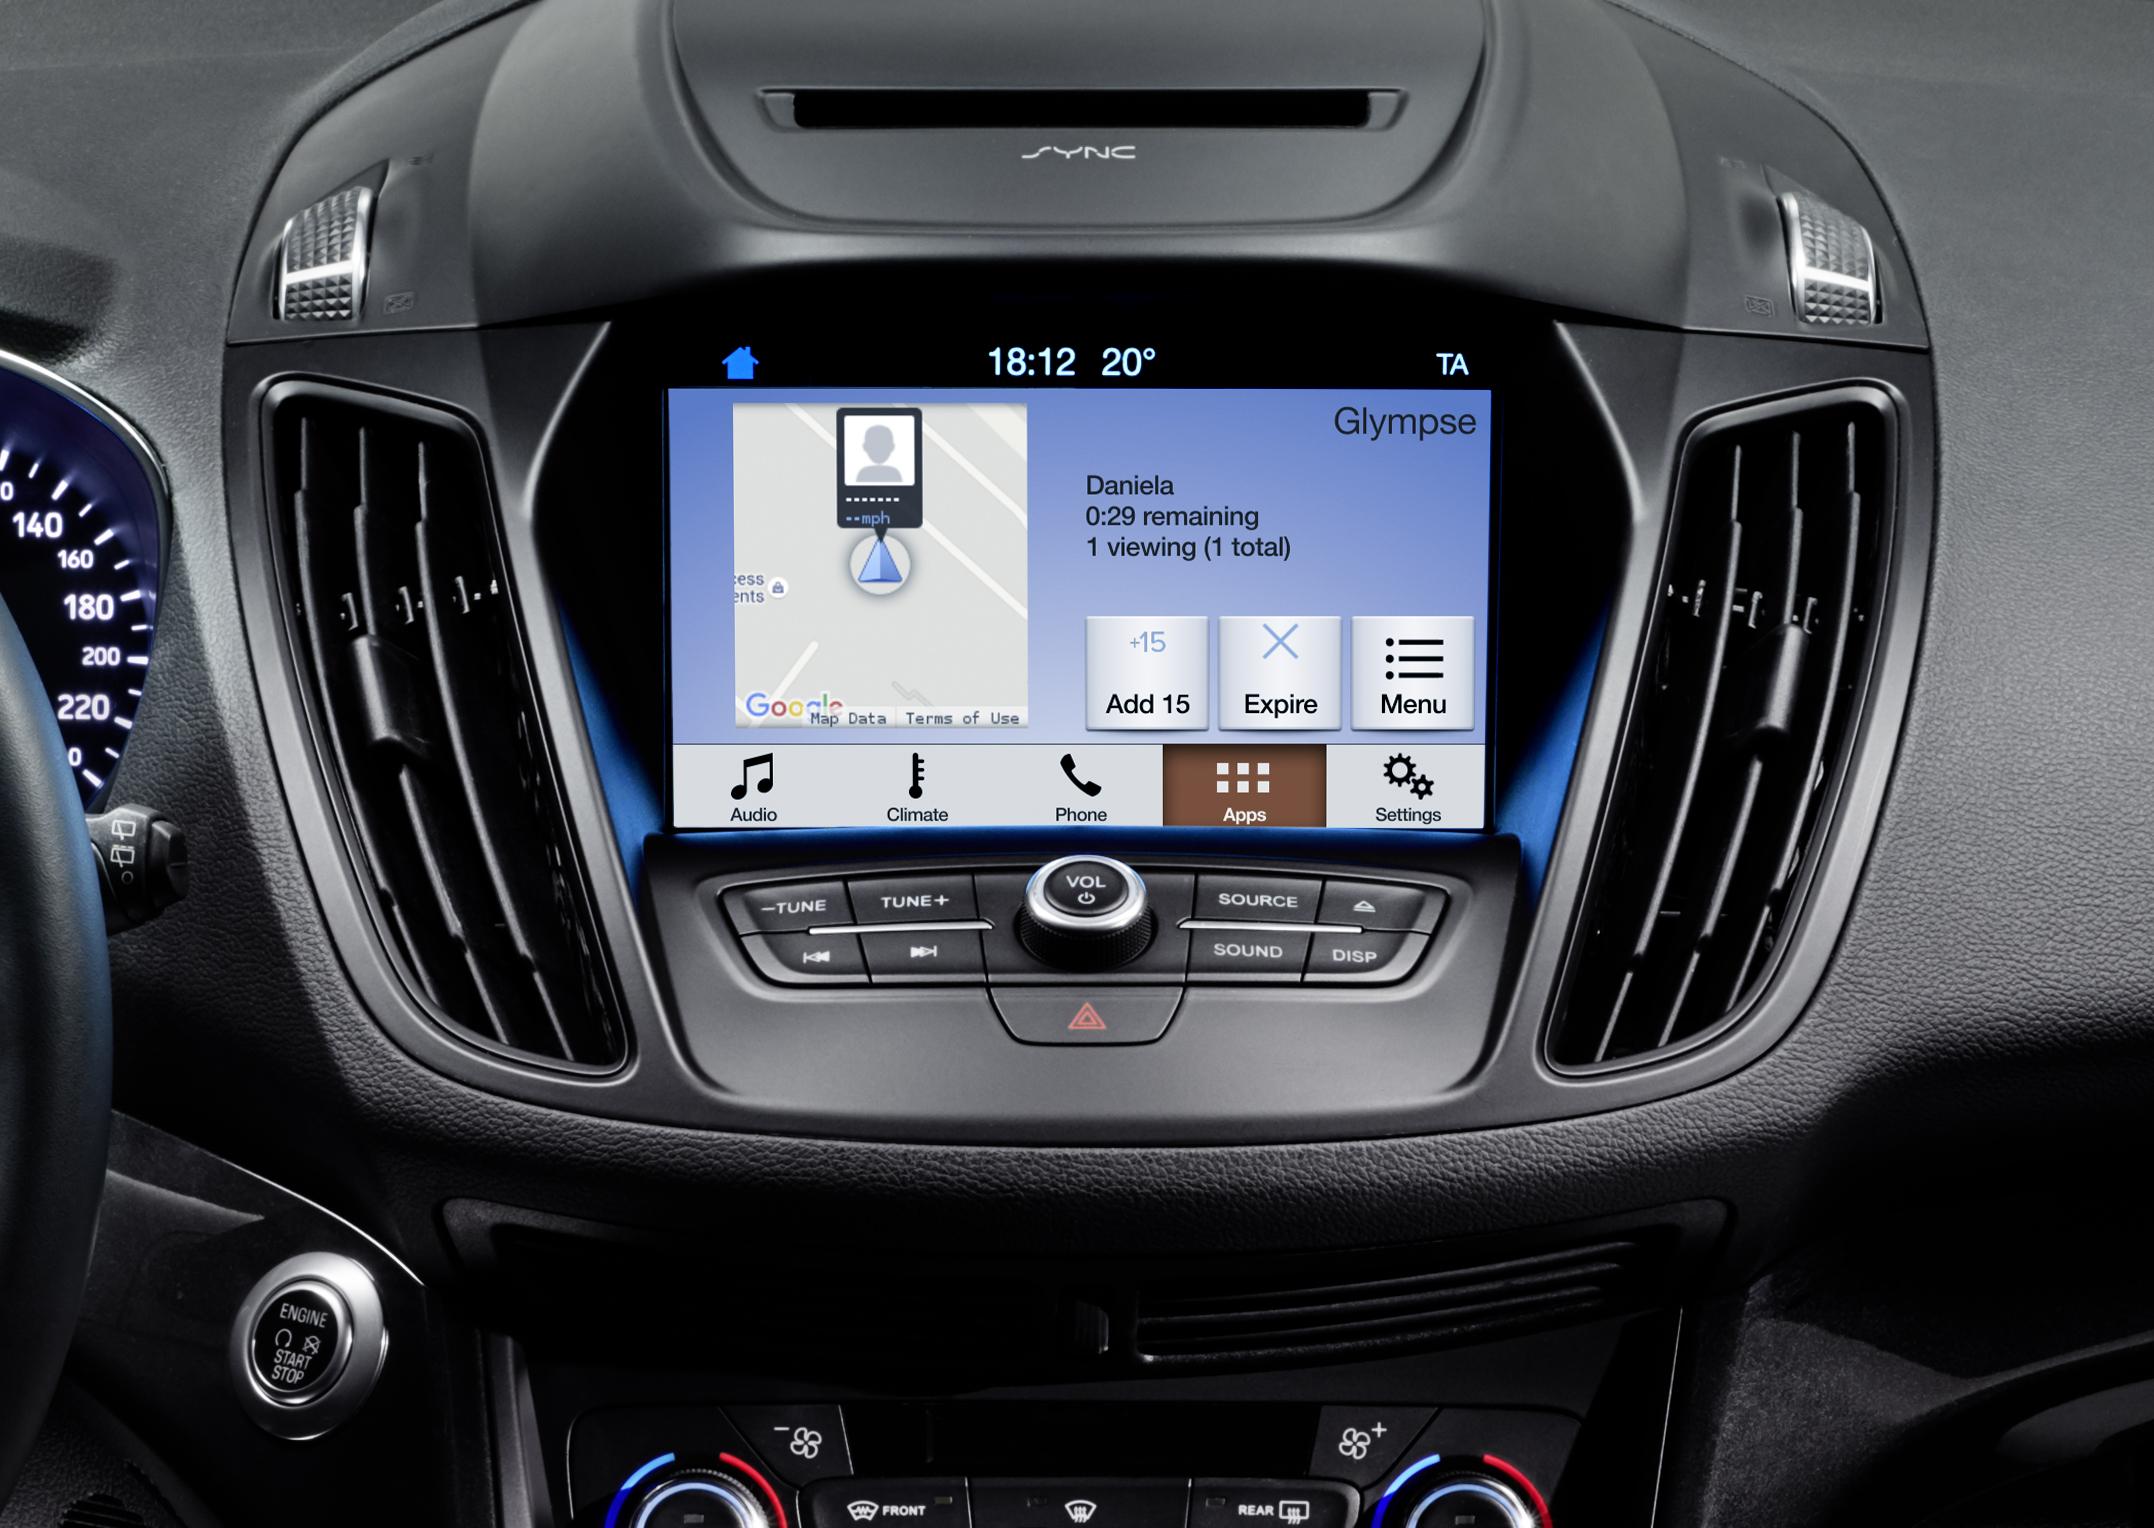 En 2017, Ford intégrera Android Auto dans toutes ses voitures